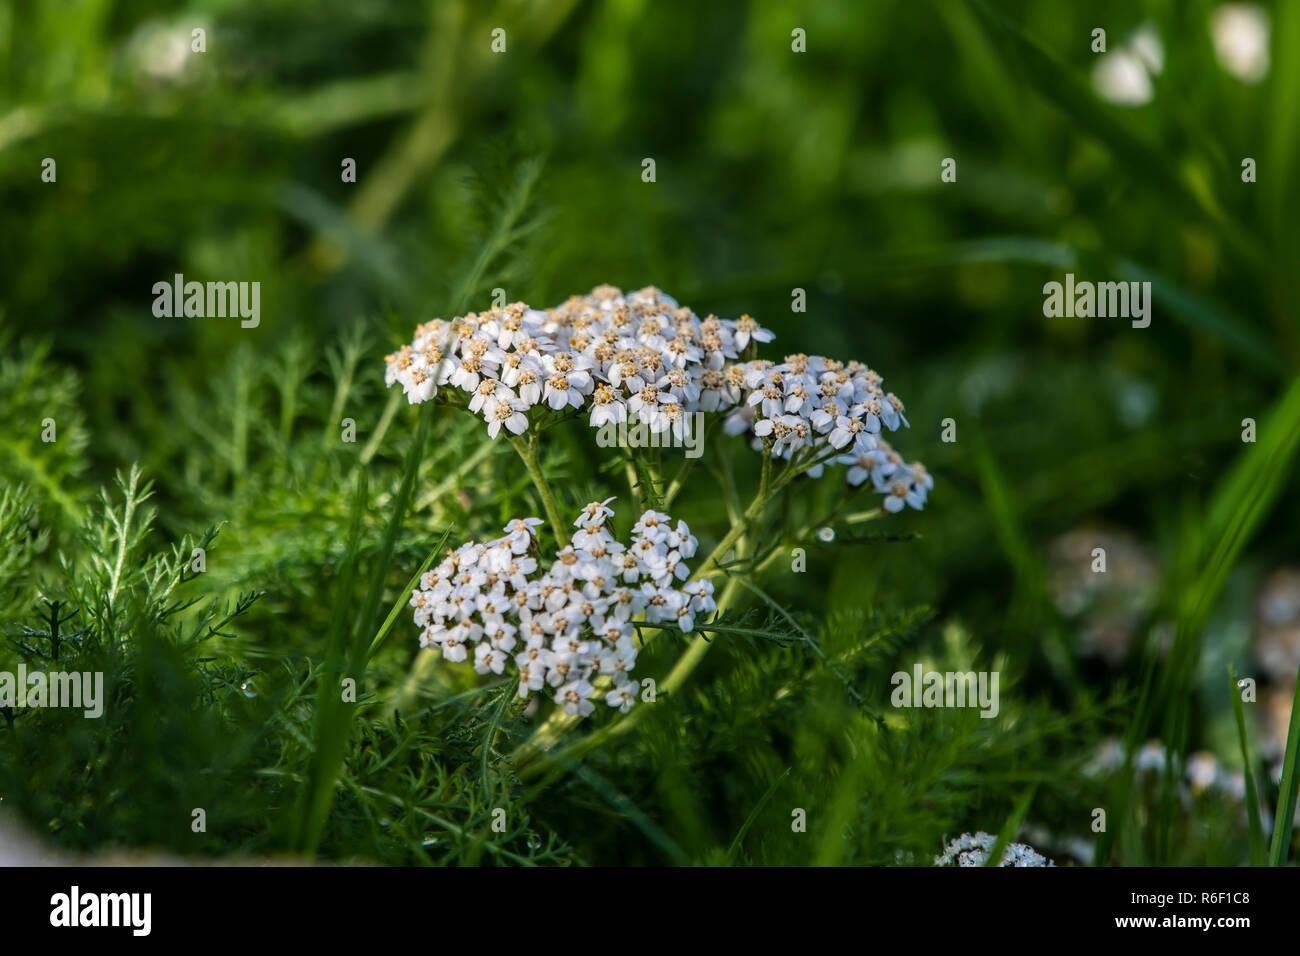 Flowering Parsley Water-Dropwort - Stock Image